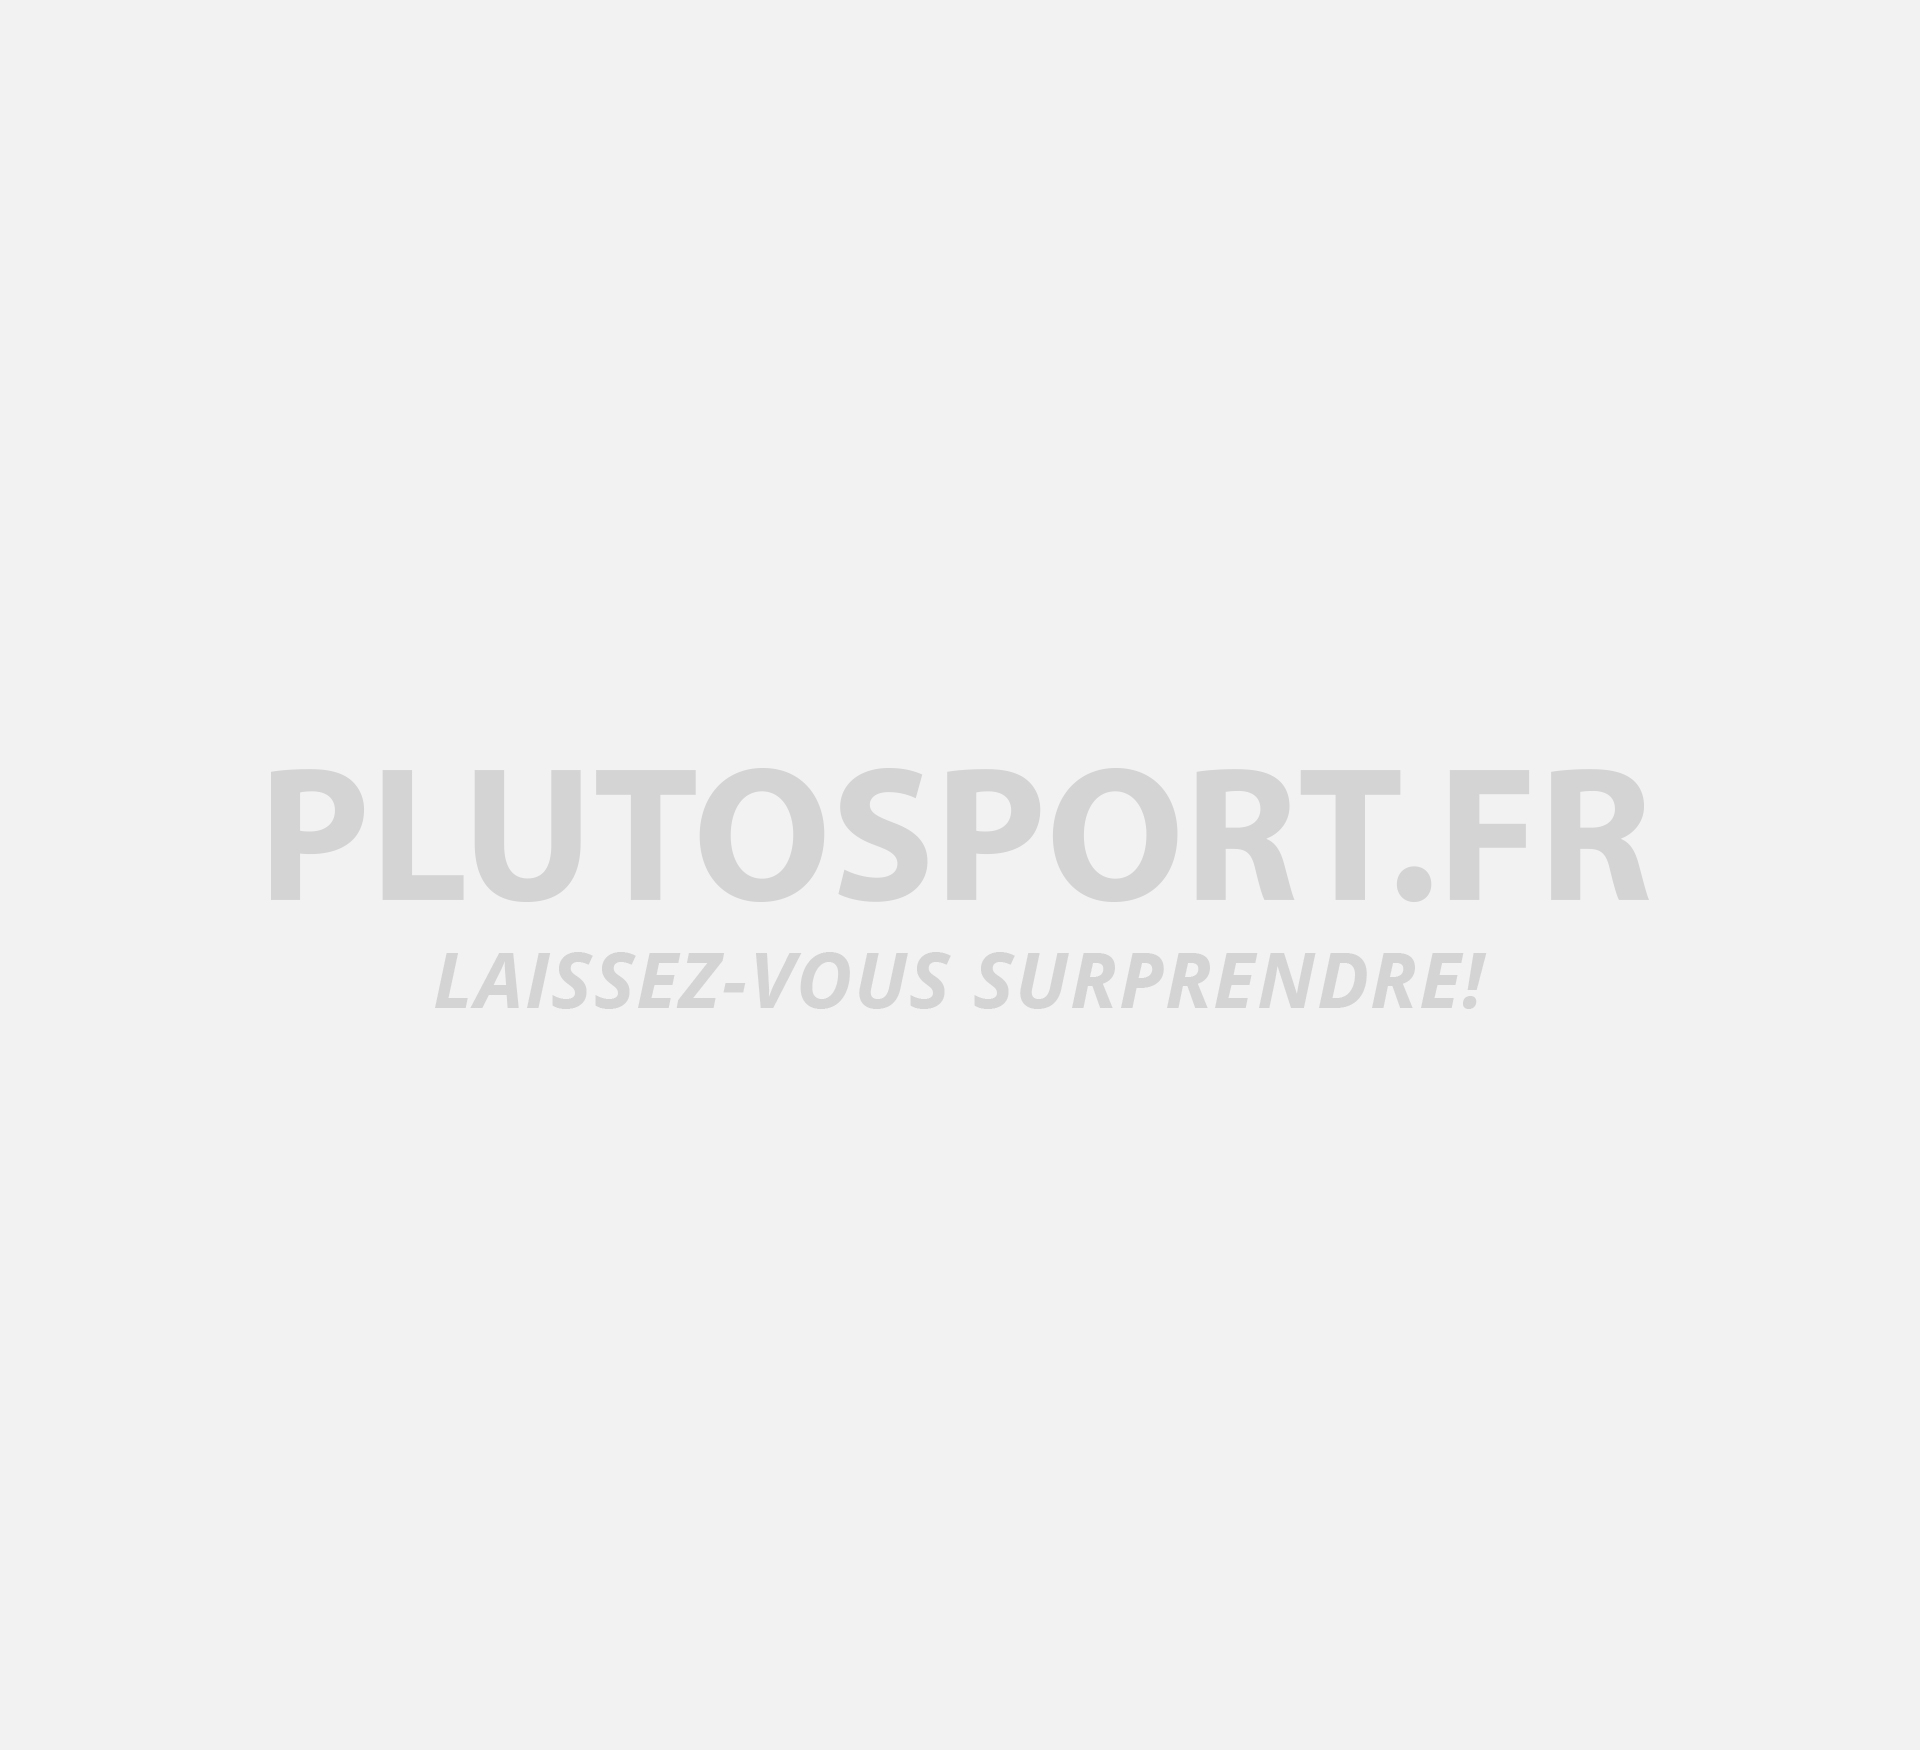 Adidas Predator 18.3 FG Chaussures de fotball Enfants